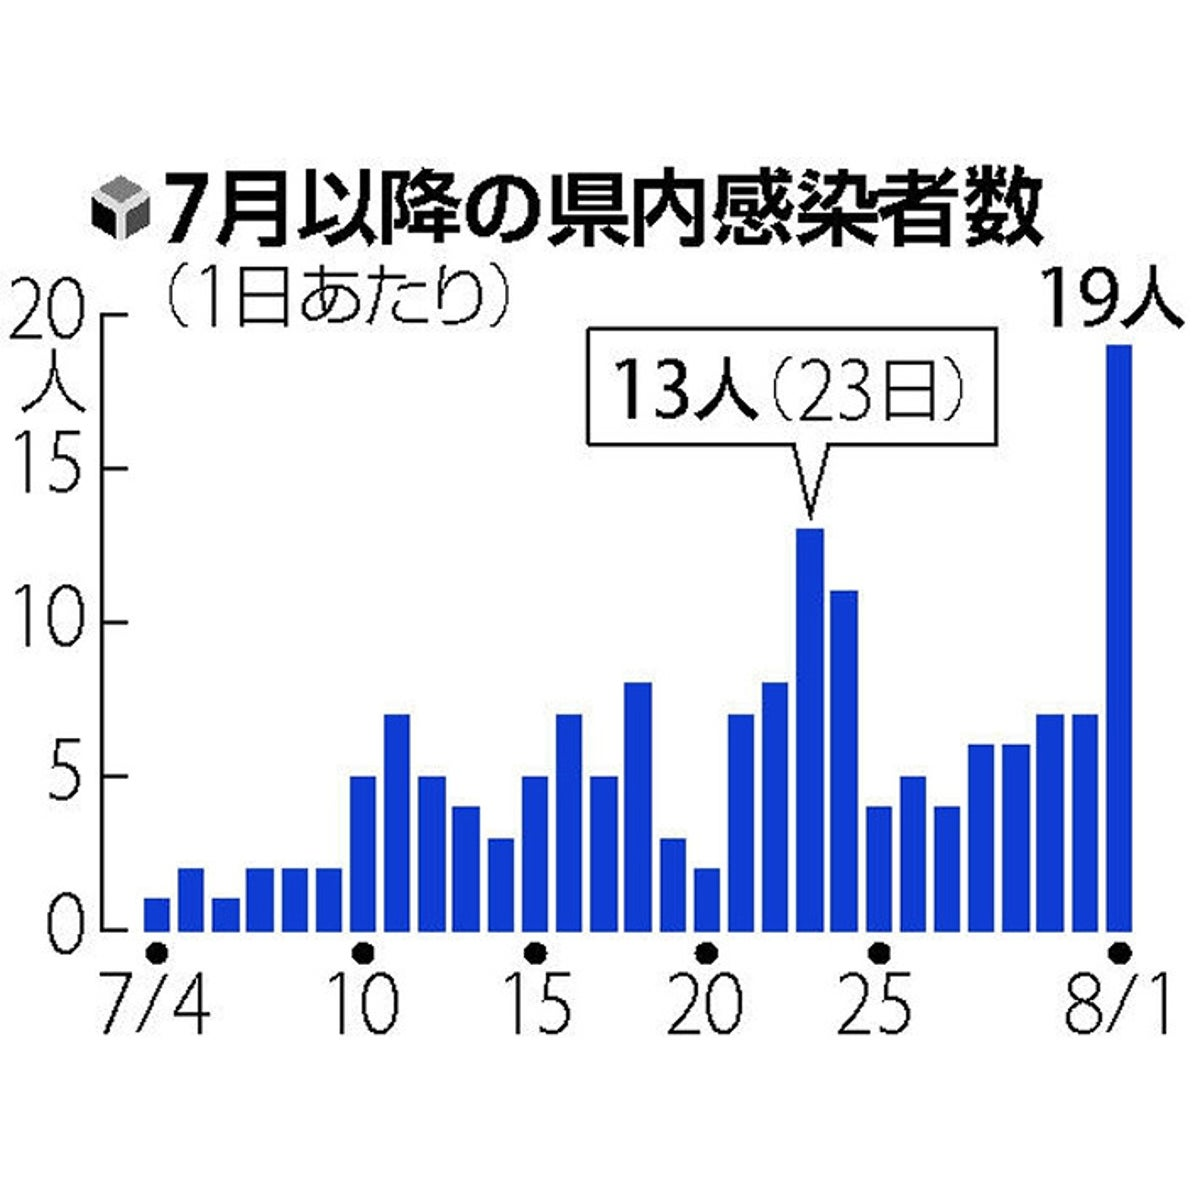 奈良 県 コロナ 感染 者 数